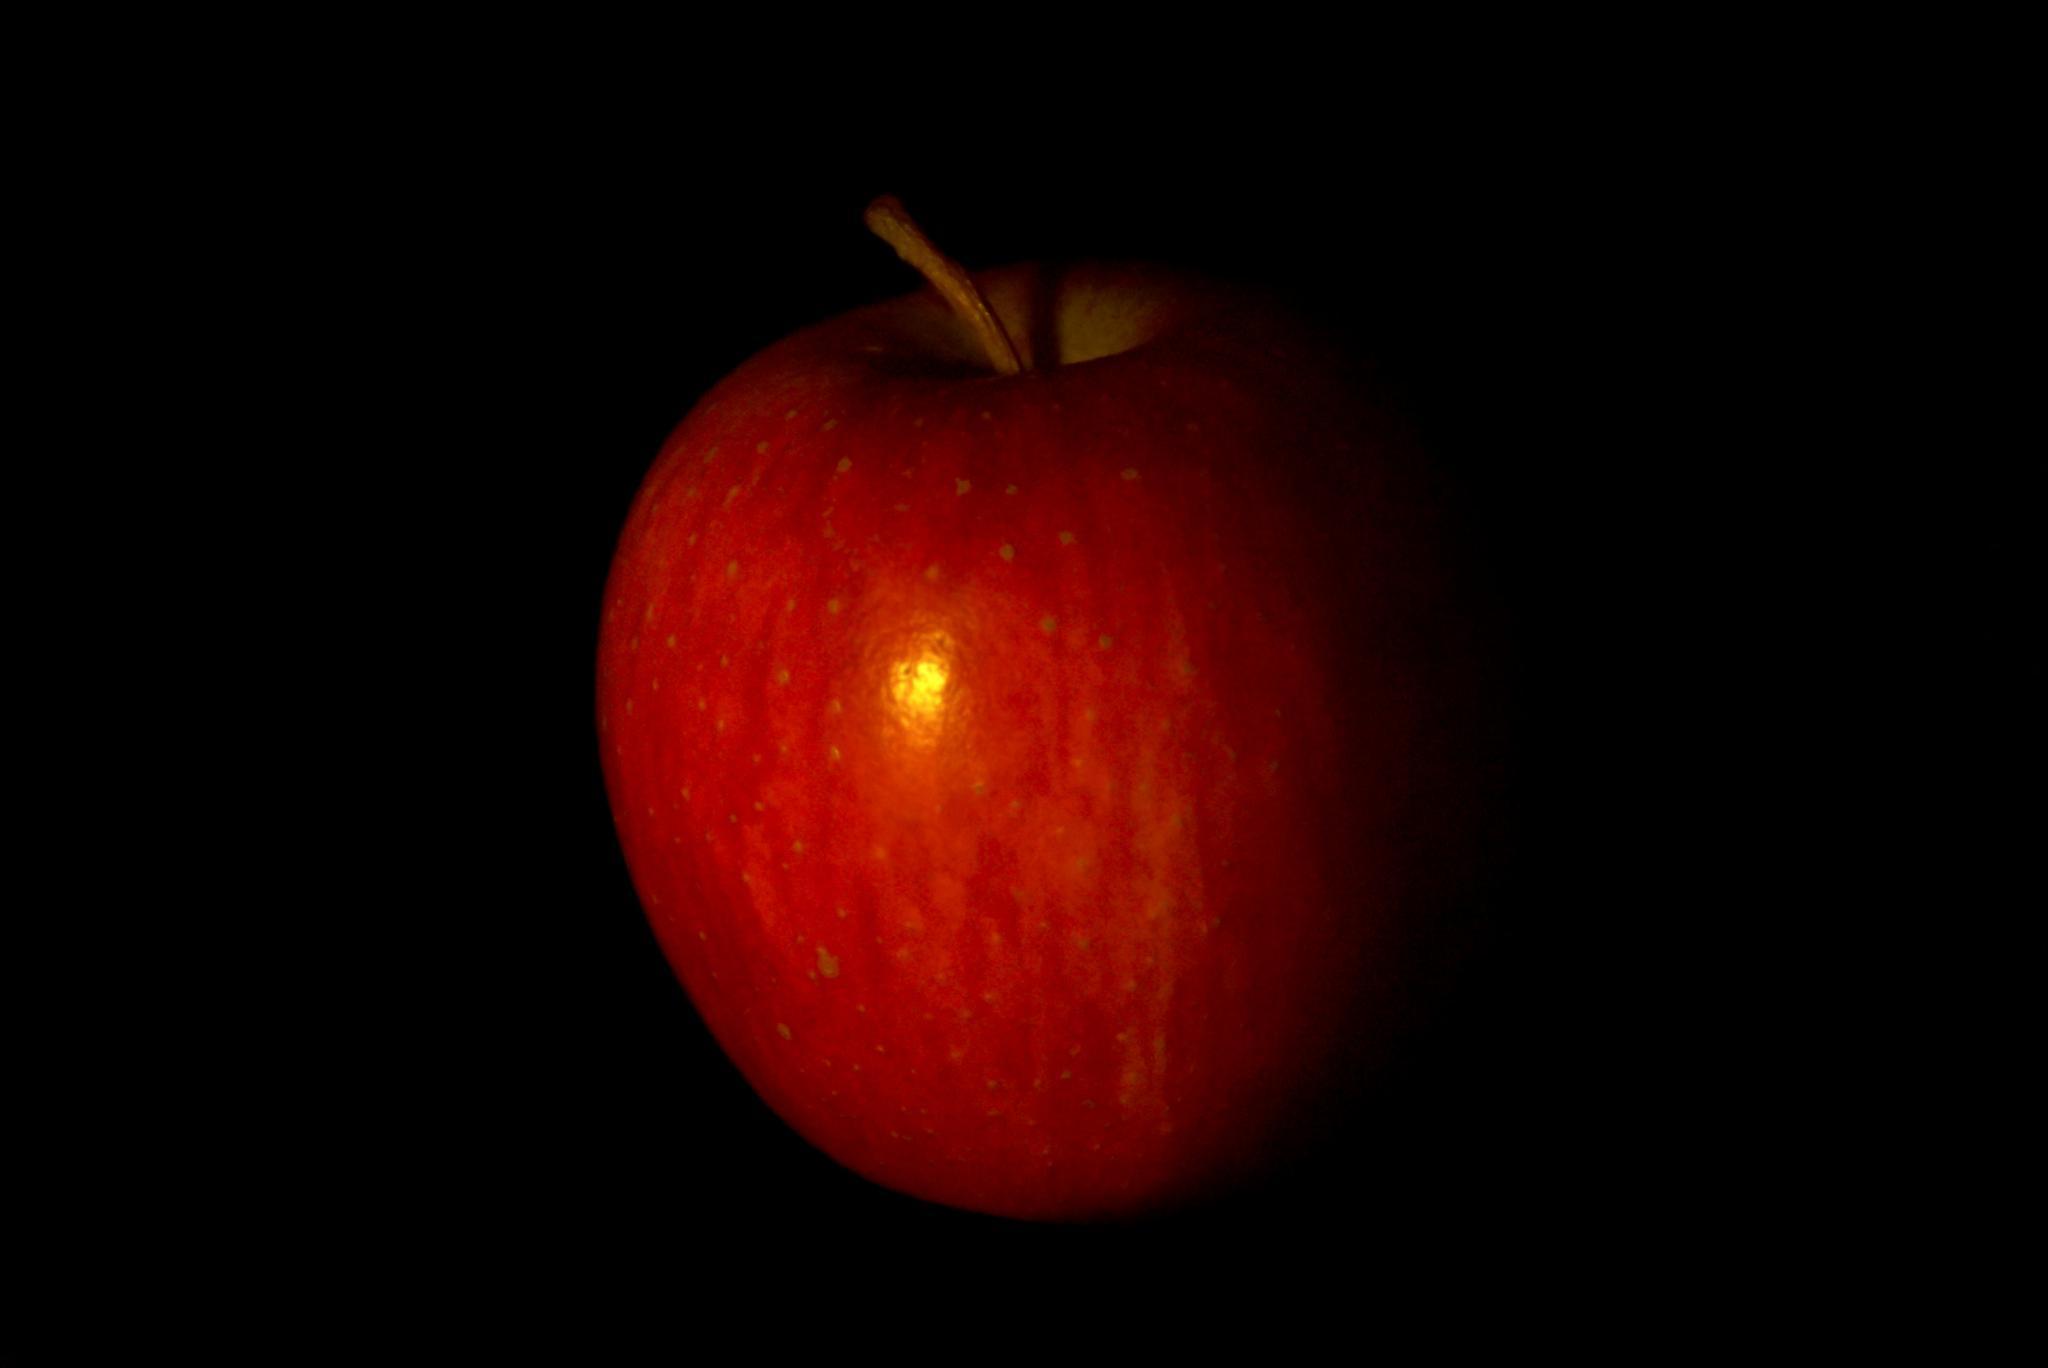 apple by sreten nakićenović